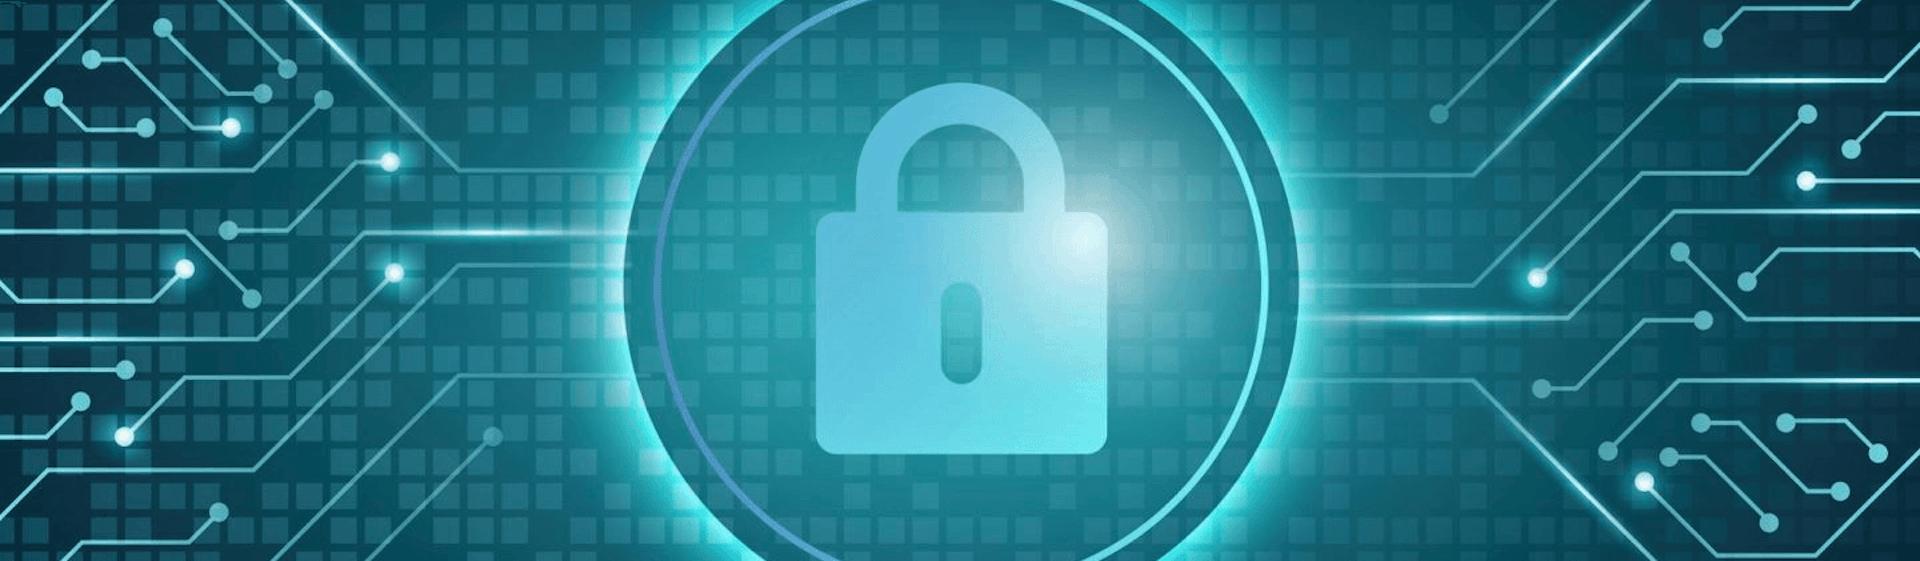 ¿Qué es hacking ético? ¡Los datos de tu empresa nunca estuvieron tan a salvo!